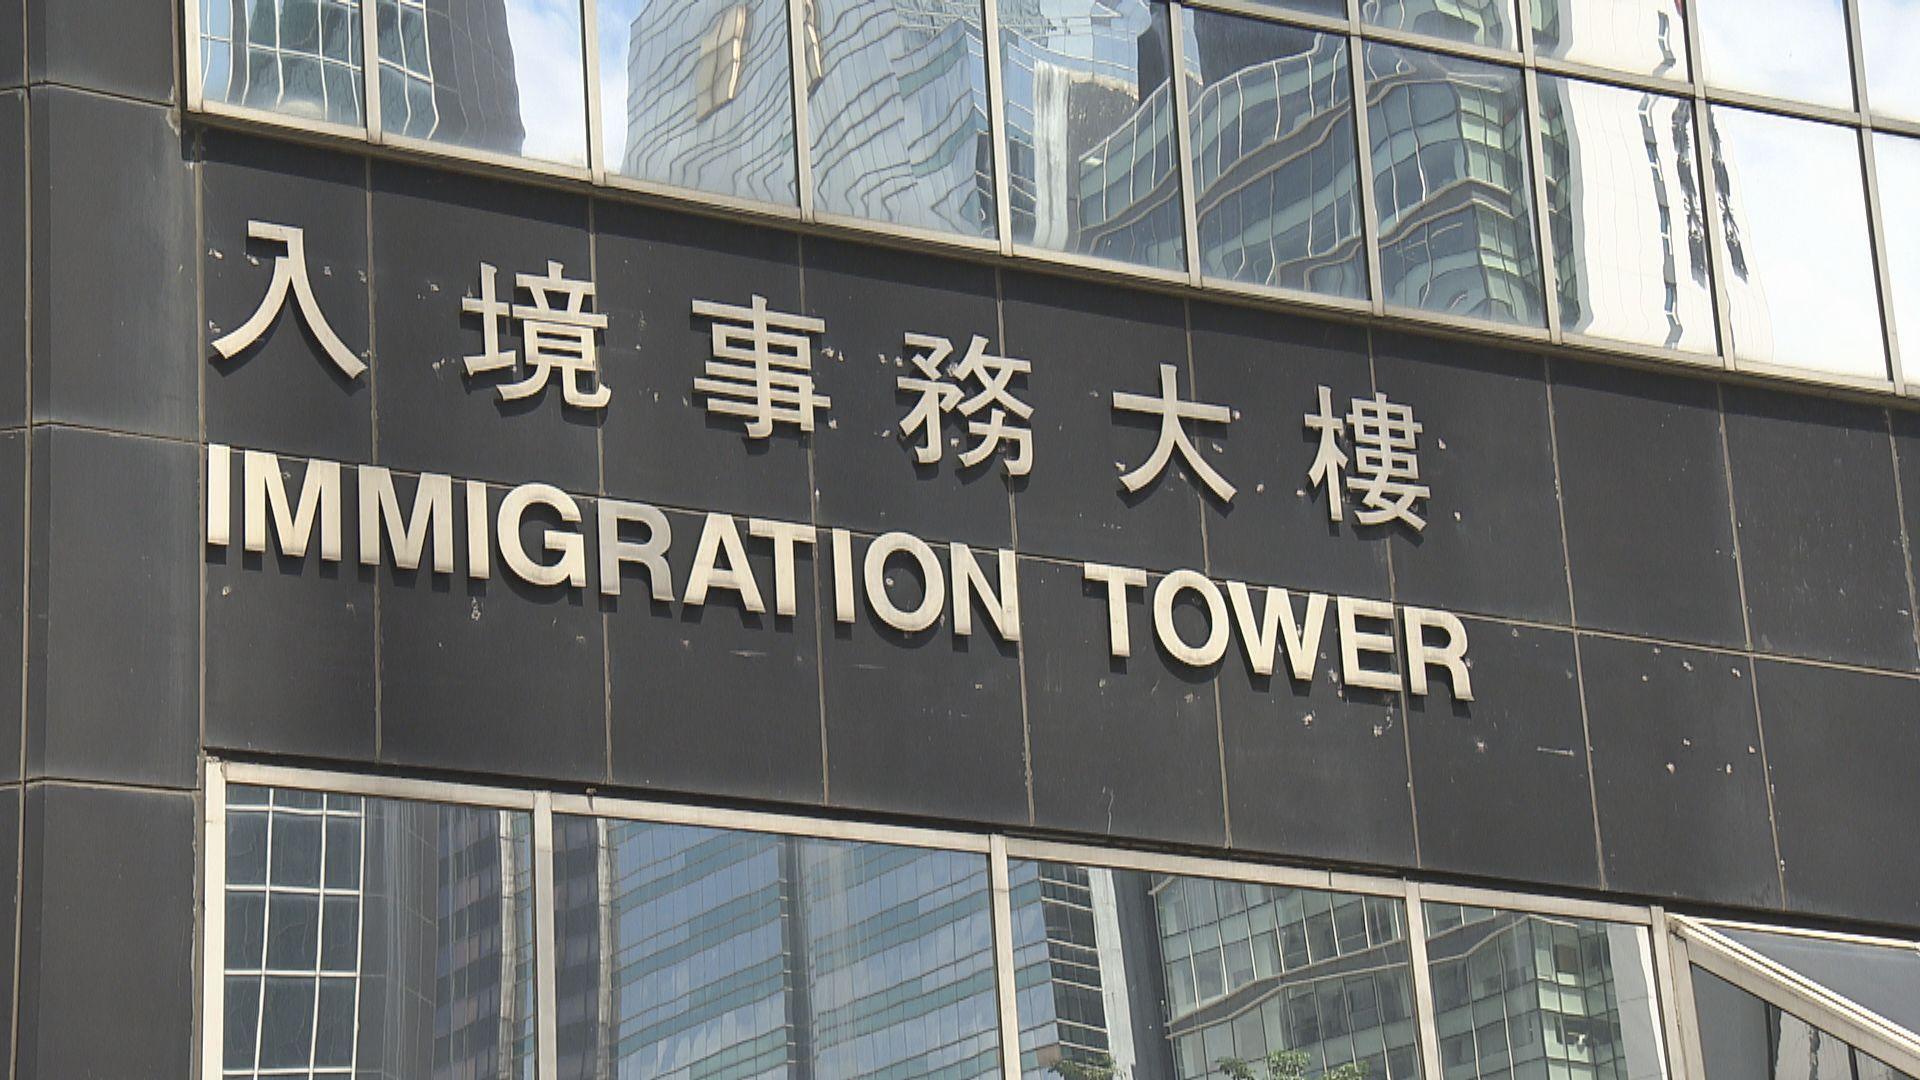 【記得換證】入境處修訂換領最新智能身份證時間表